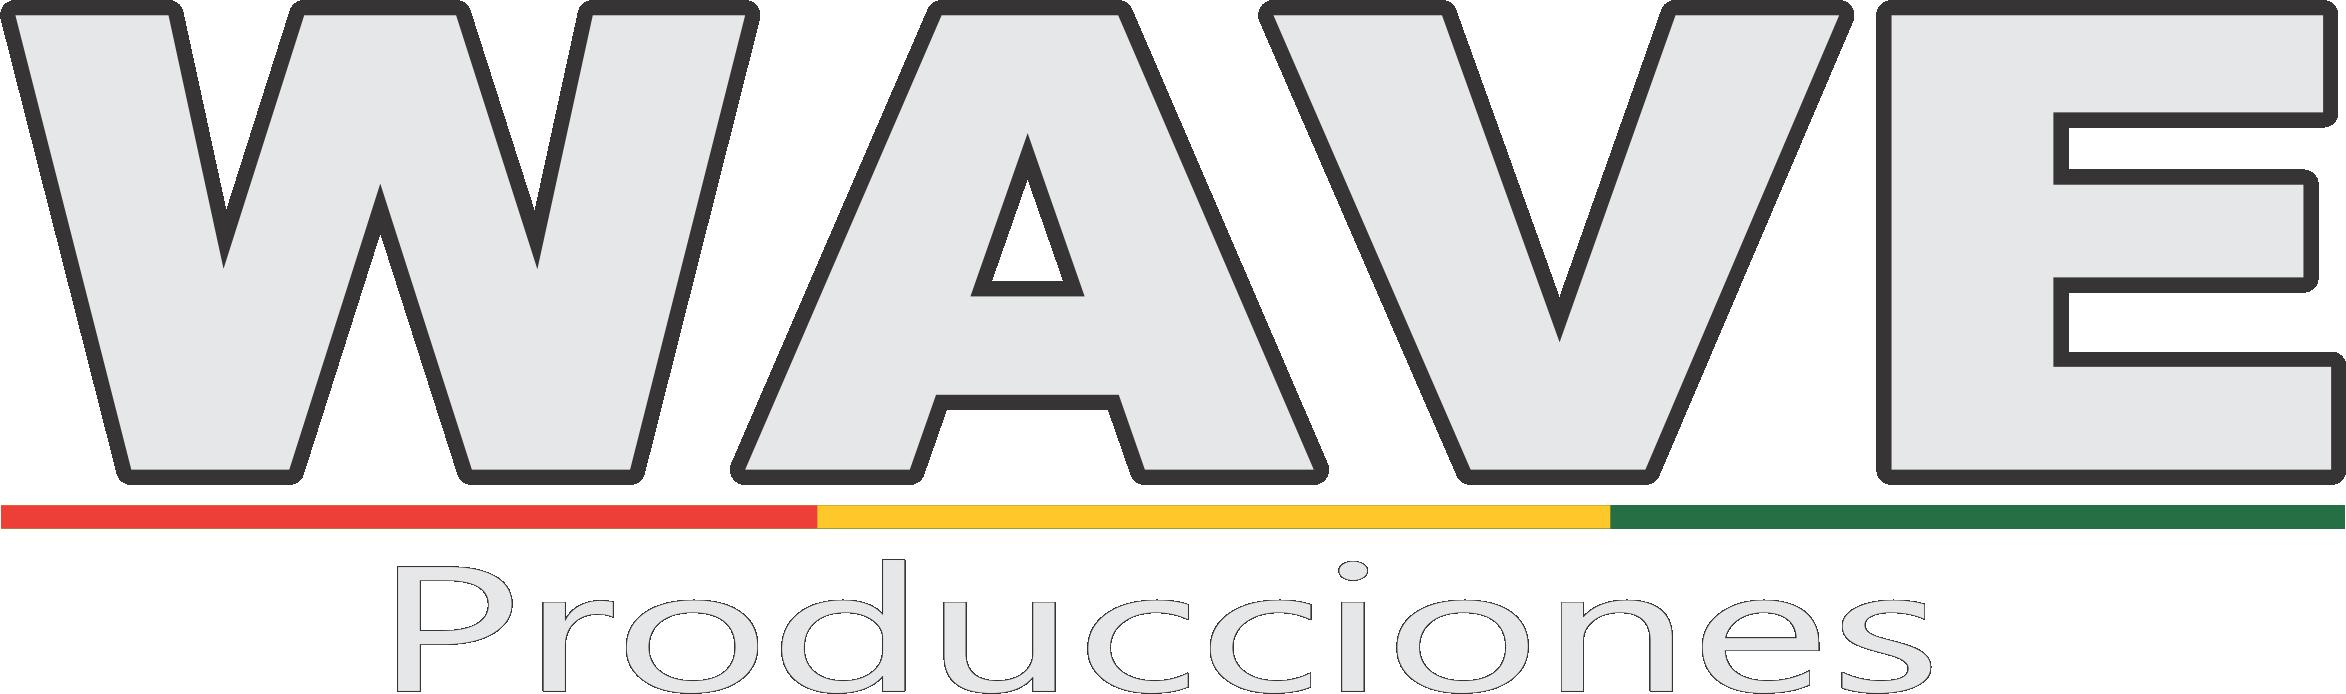 Wave Producciones